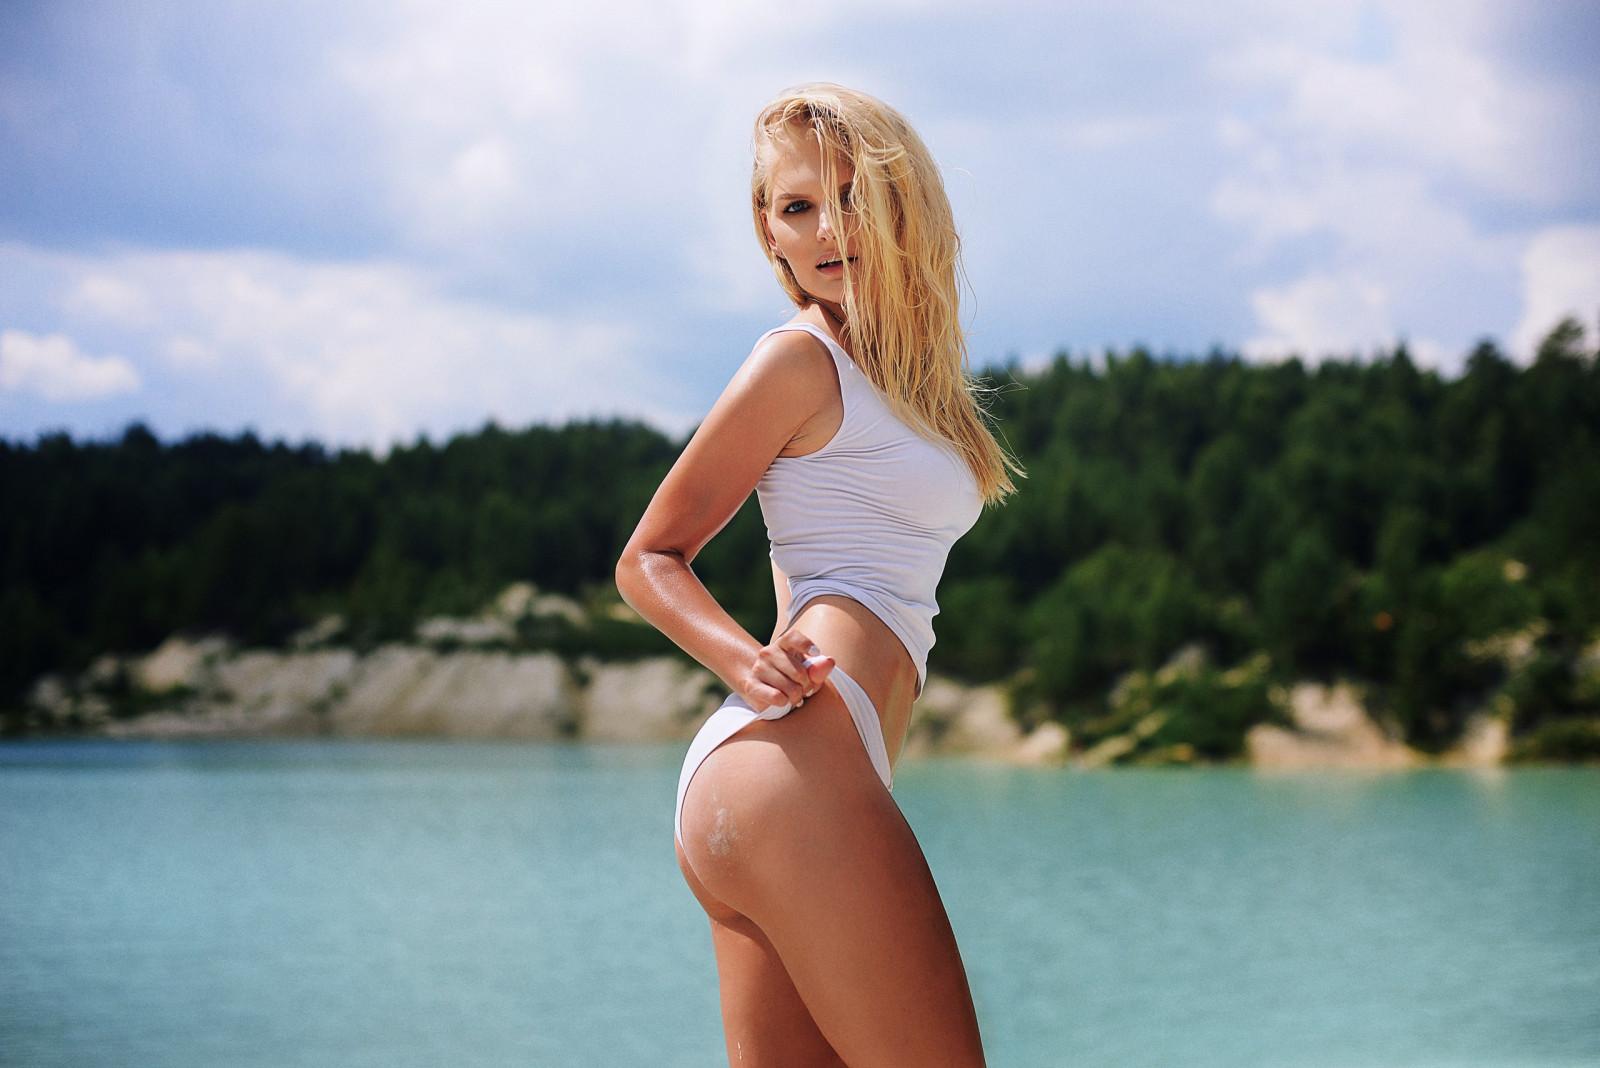 sladkaya-popka-dlinnonogoy-blondinki